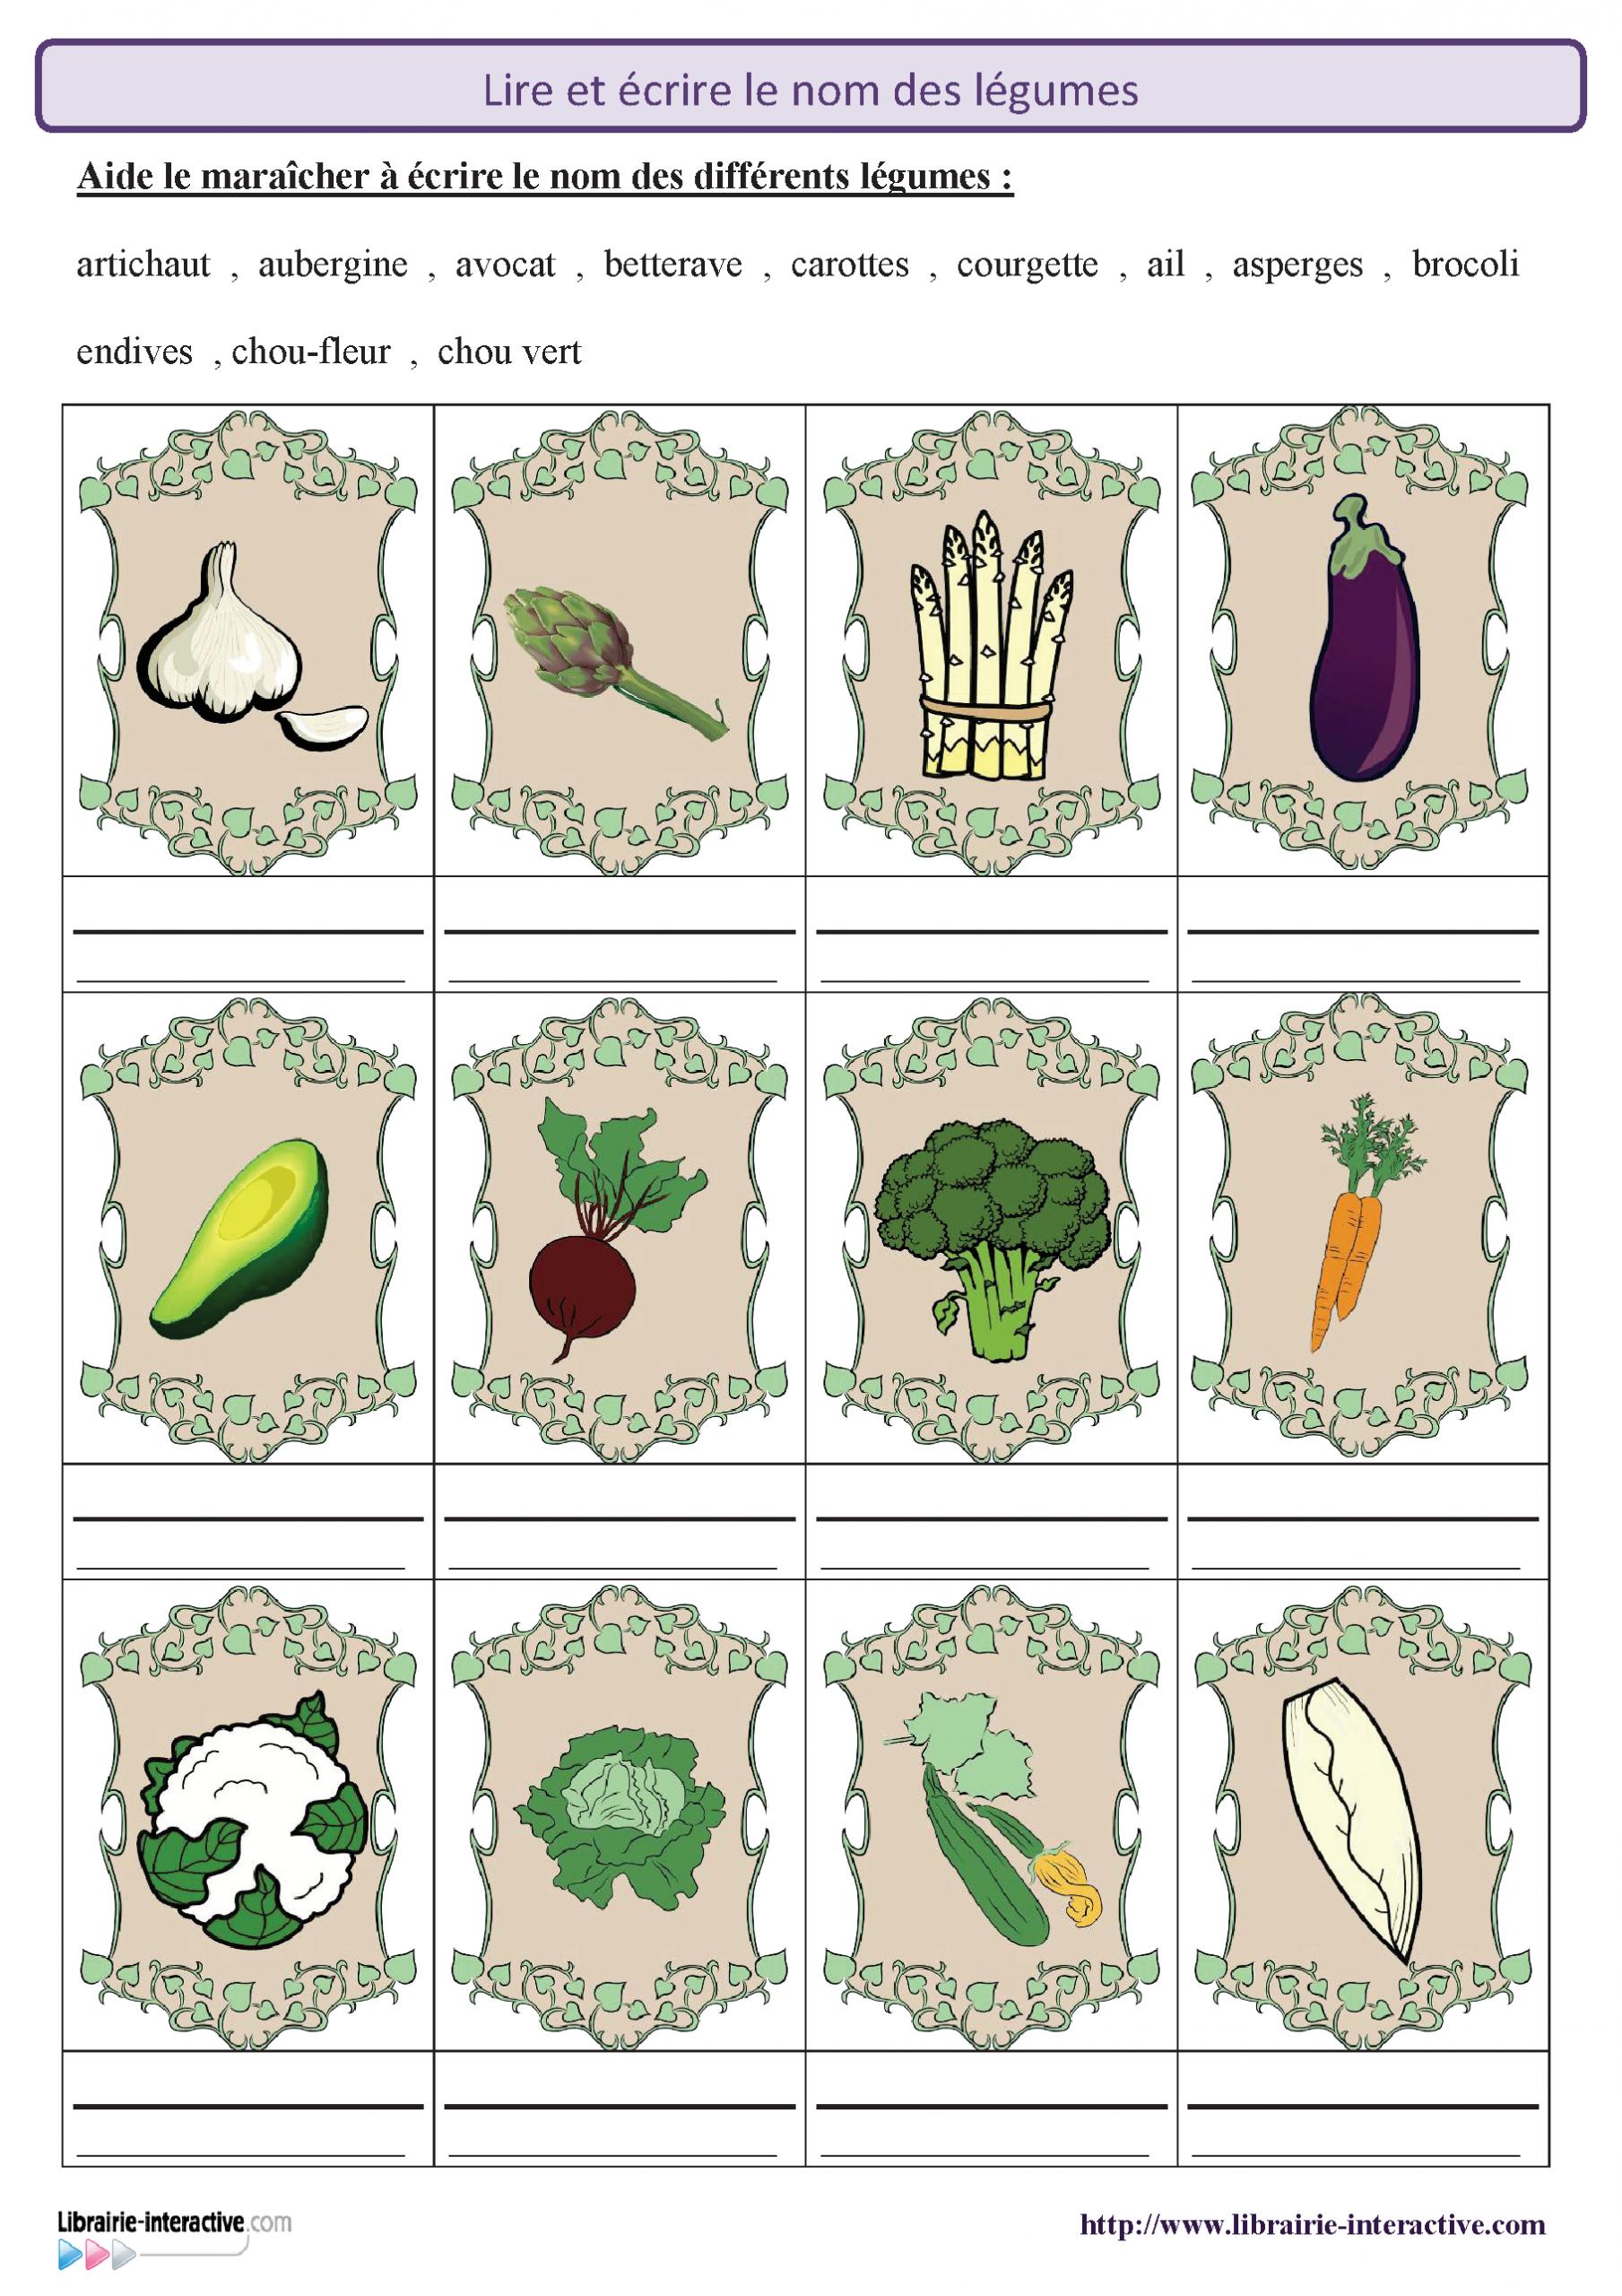 2 Fiches Pour Découvrir Et Reconnaître Les Légumes Puis encequiconcerne Apprendre Le Nom Des Animaux